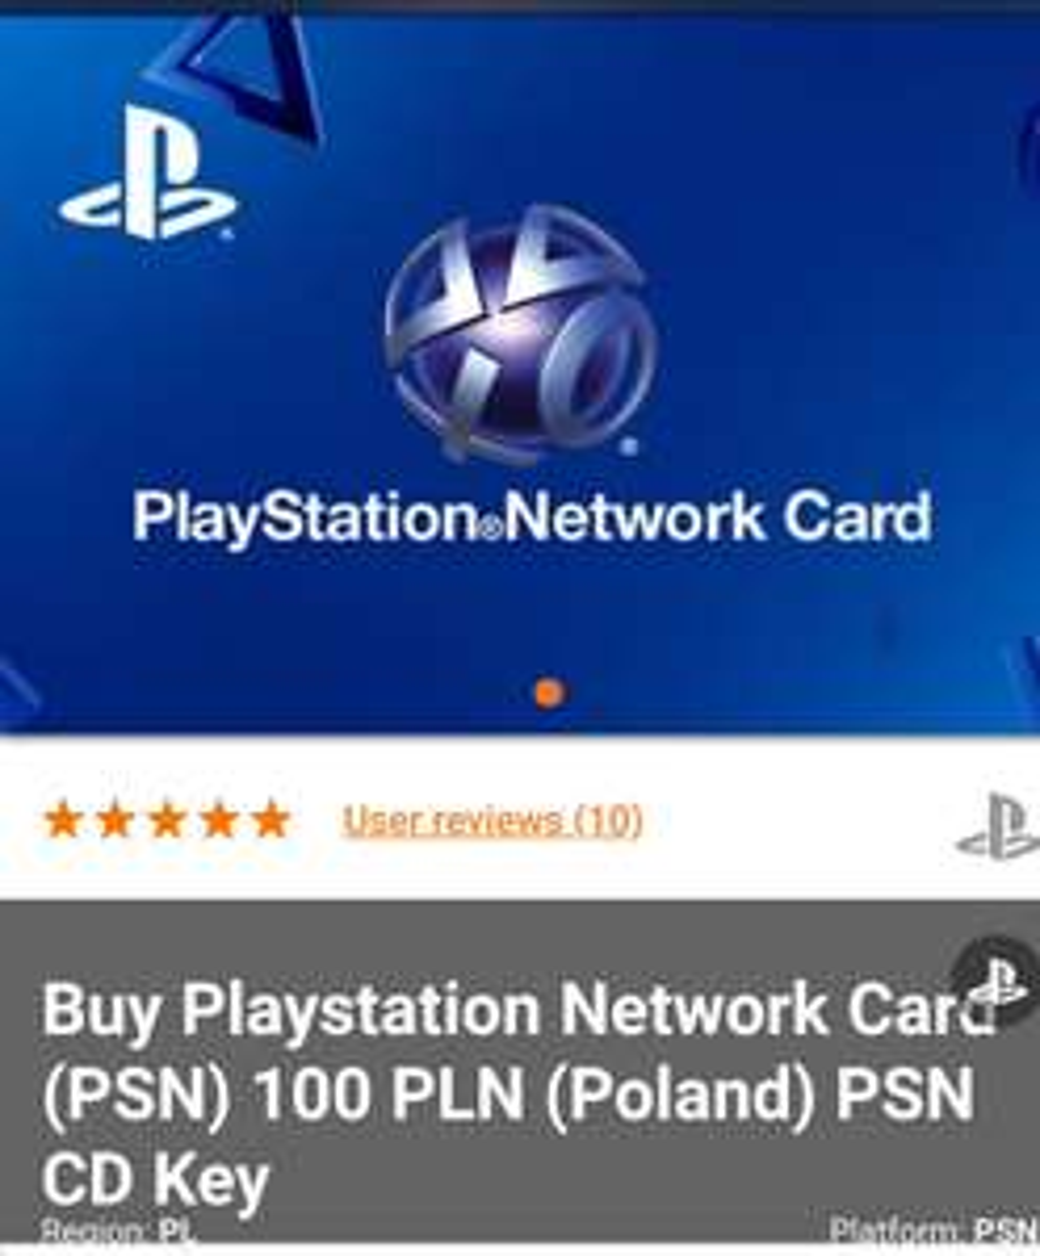 PS Plus 365dni + 35zl cashback na Gamivo + 20zl PSN